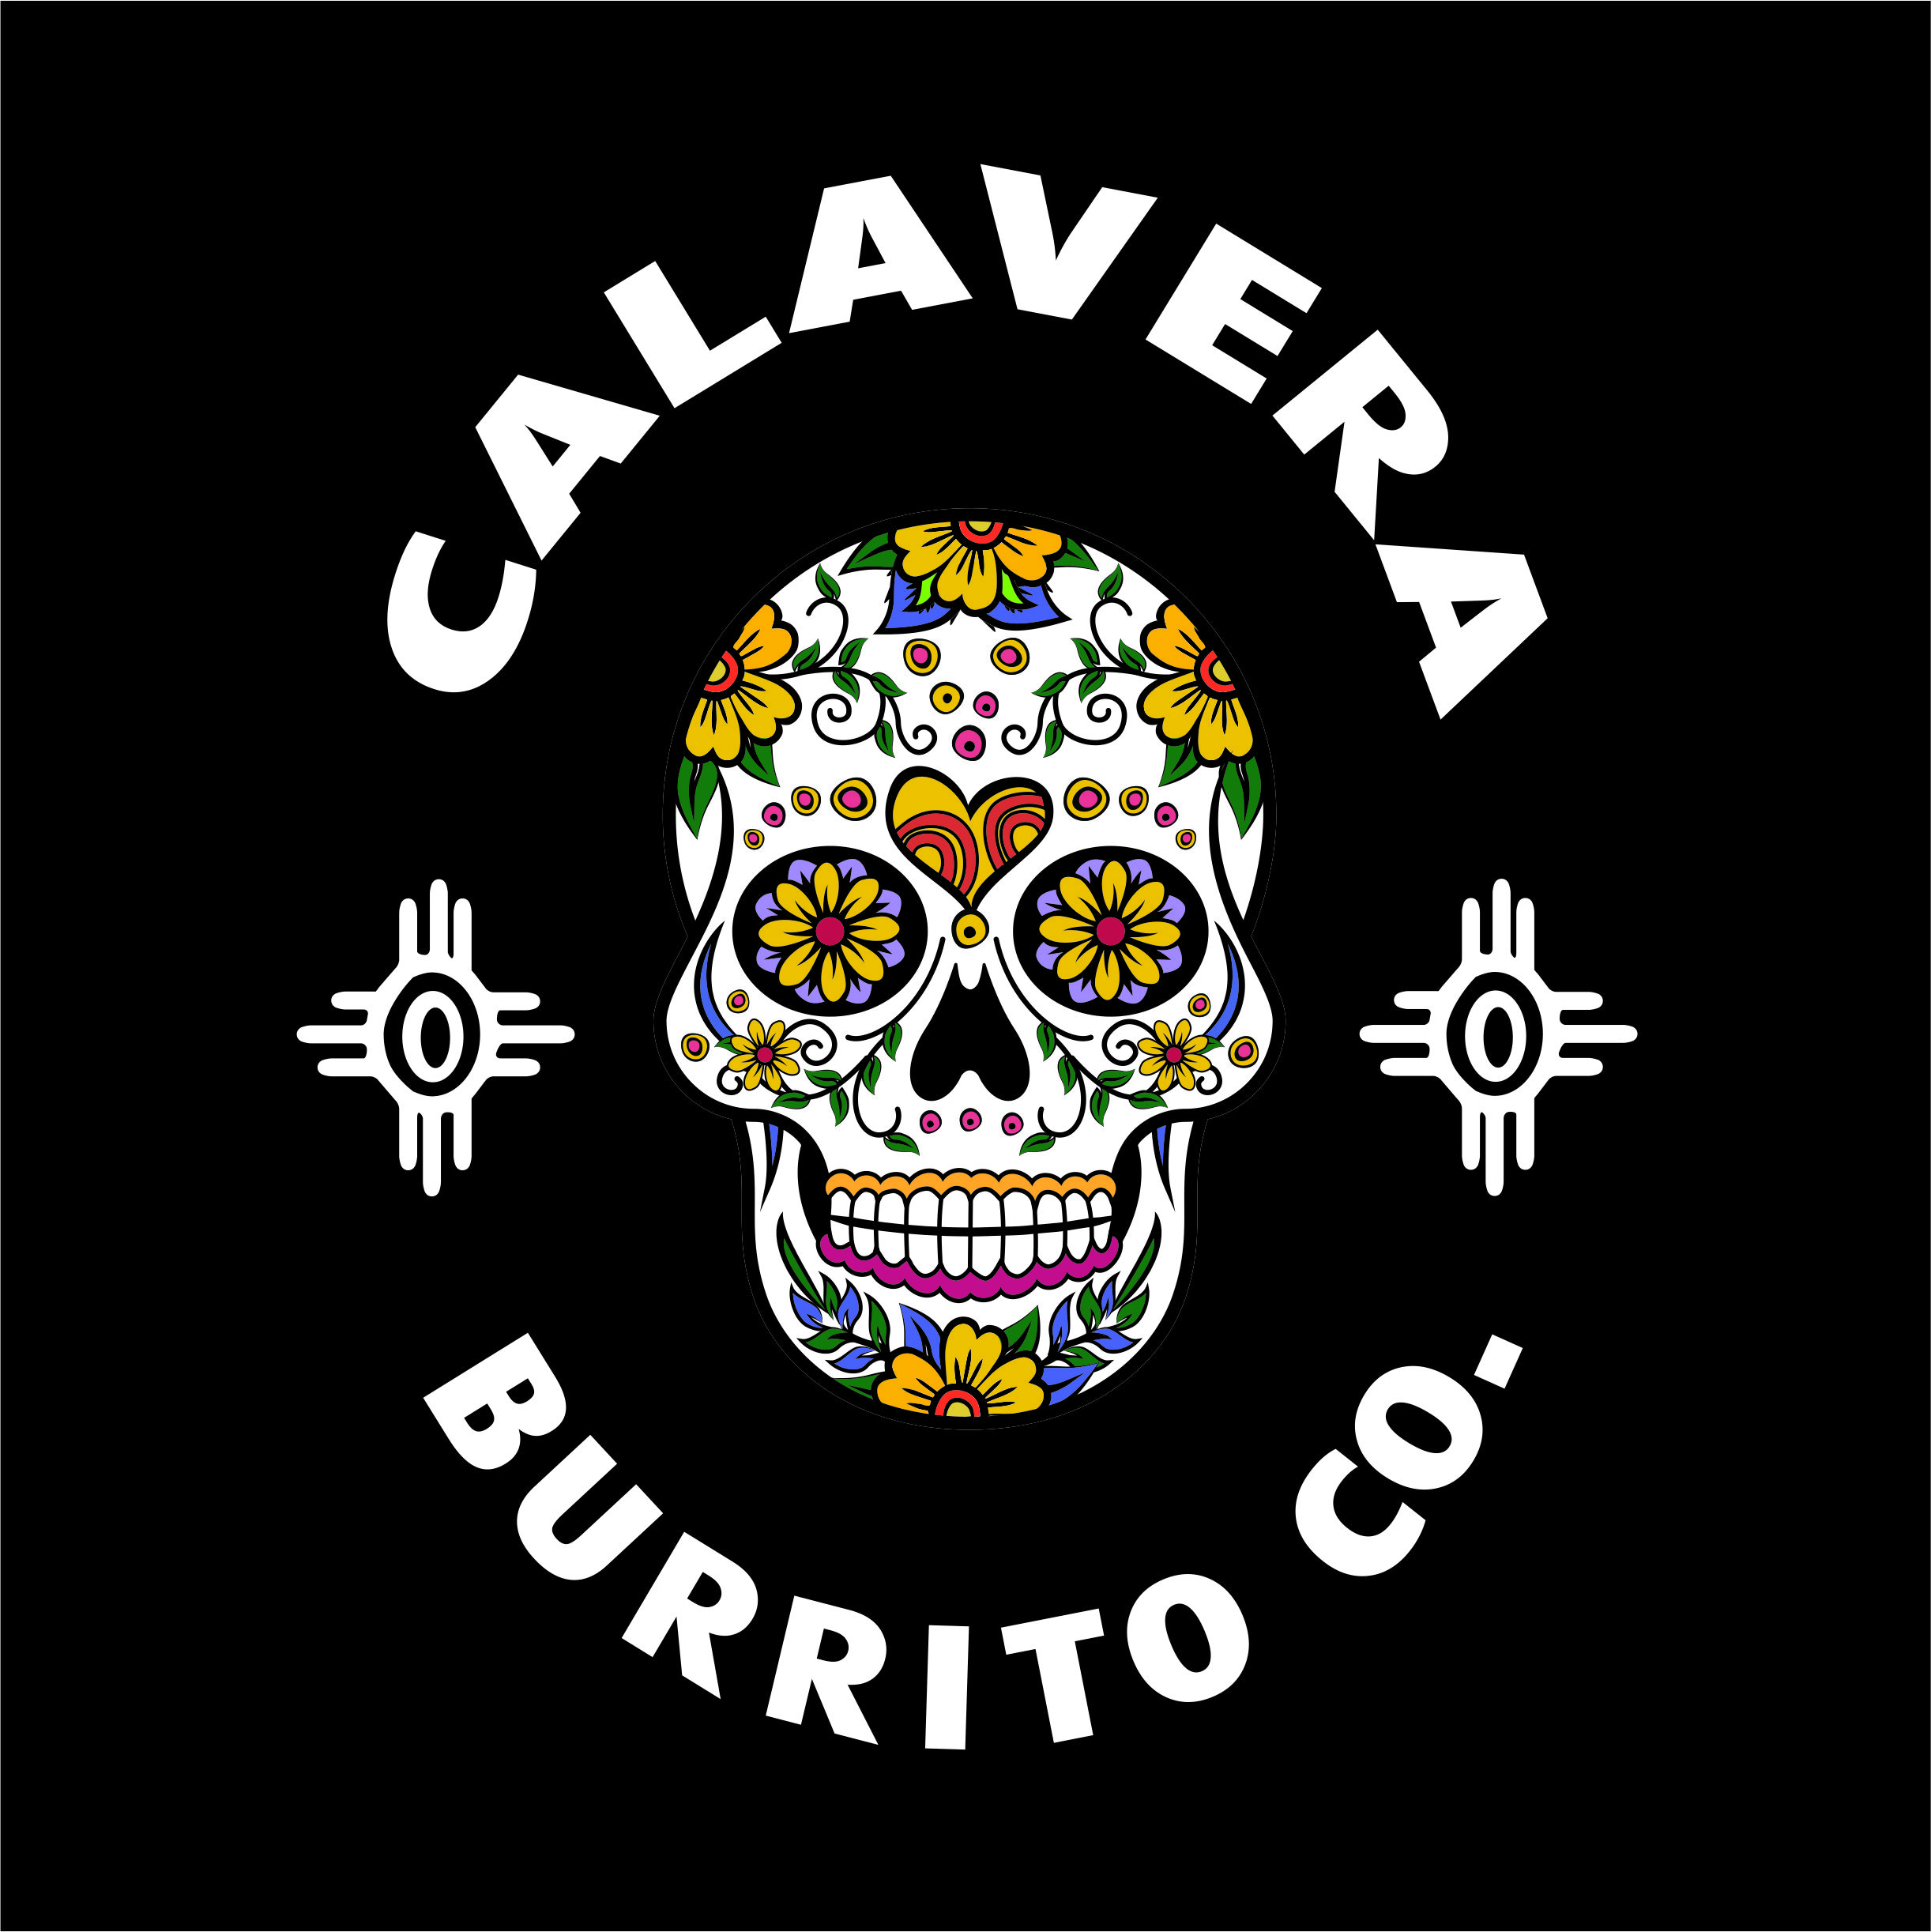 Calavera Burrito Co.